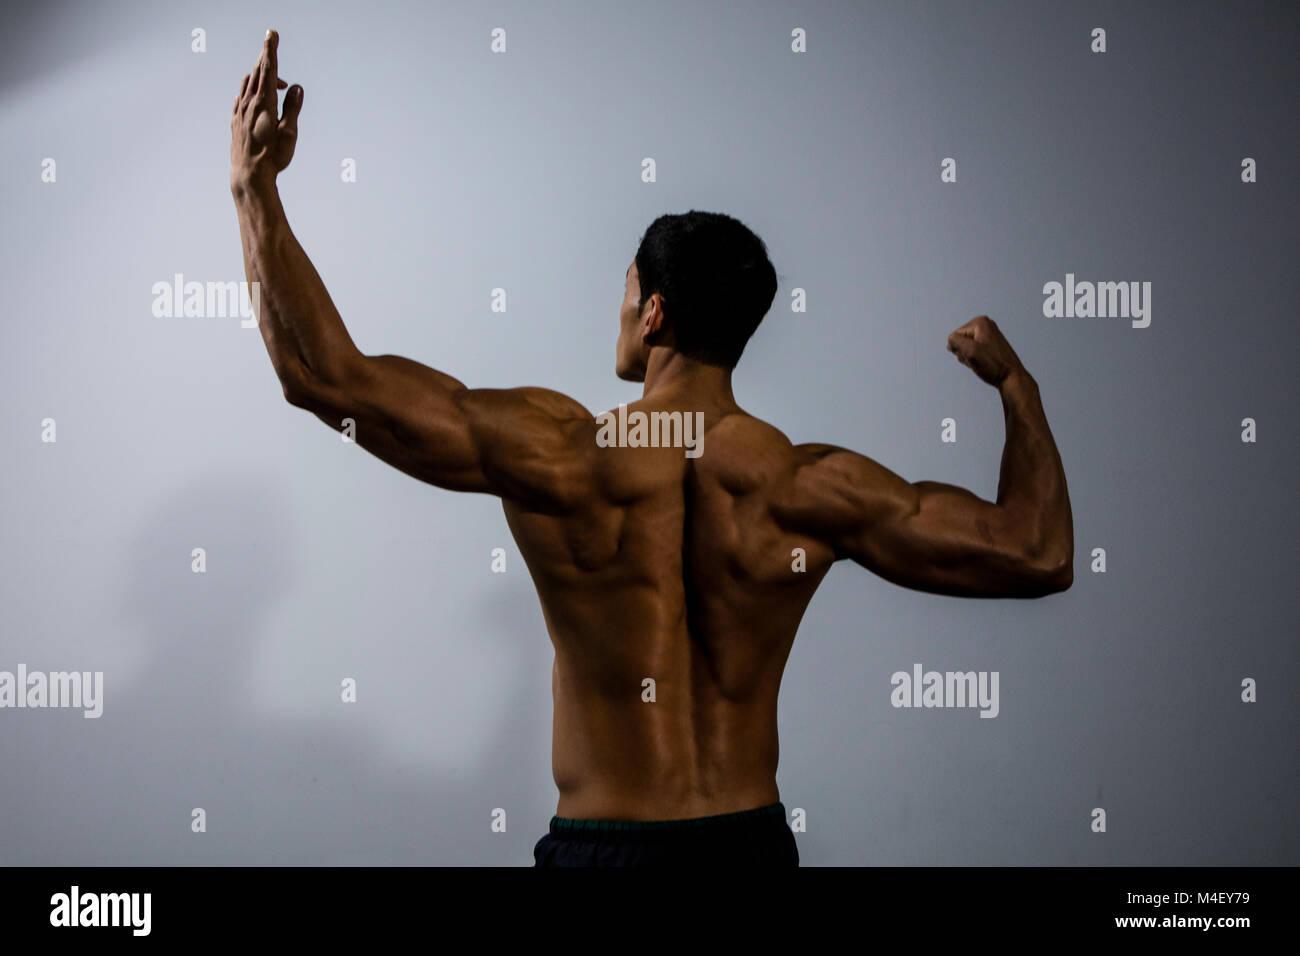 Human Back Muscles Imágenes De Stock & Human Back Muscles Fotos De ...